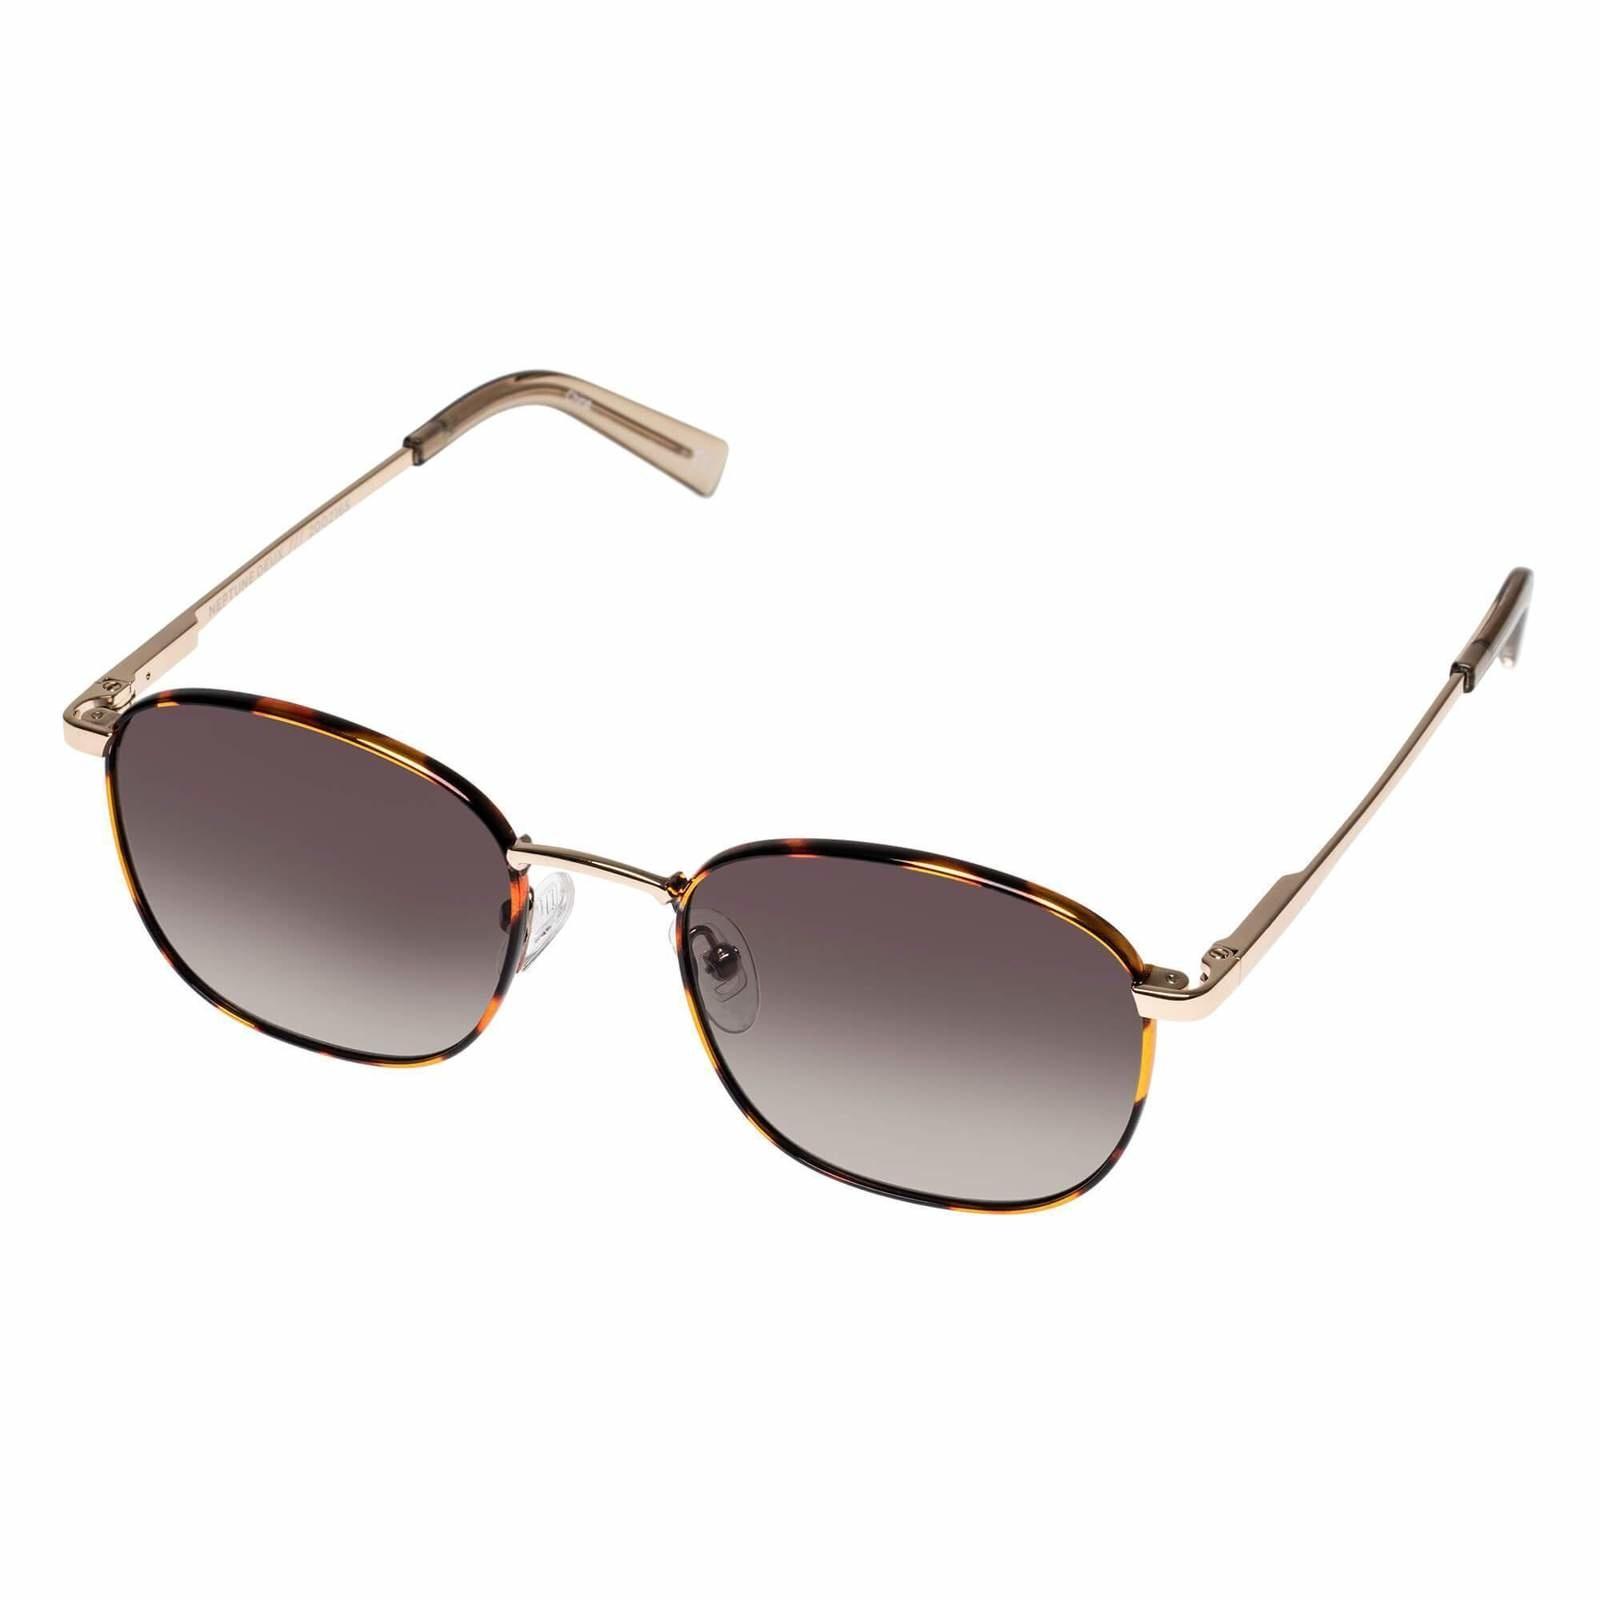 Sunglasses Neptune Deux